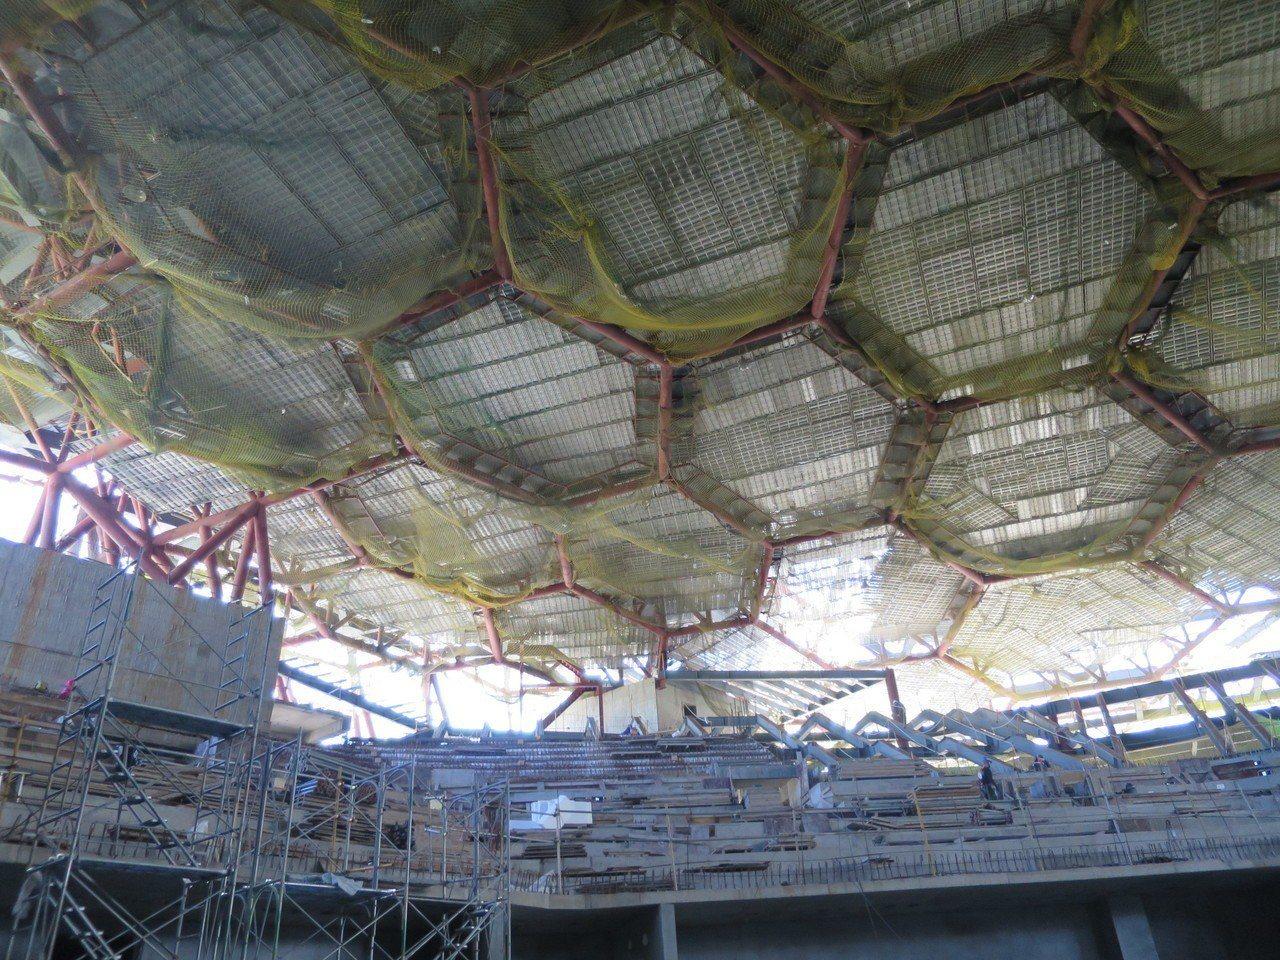 海音中心六角型造型金屬板及玻璃帷幕造型牆是未來的焦點之一。記者謝梅芬/翻攝影